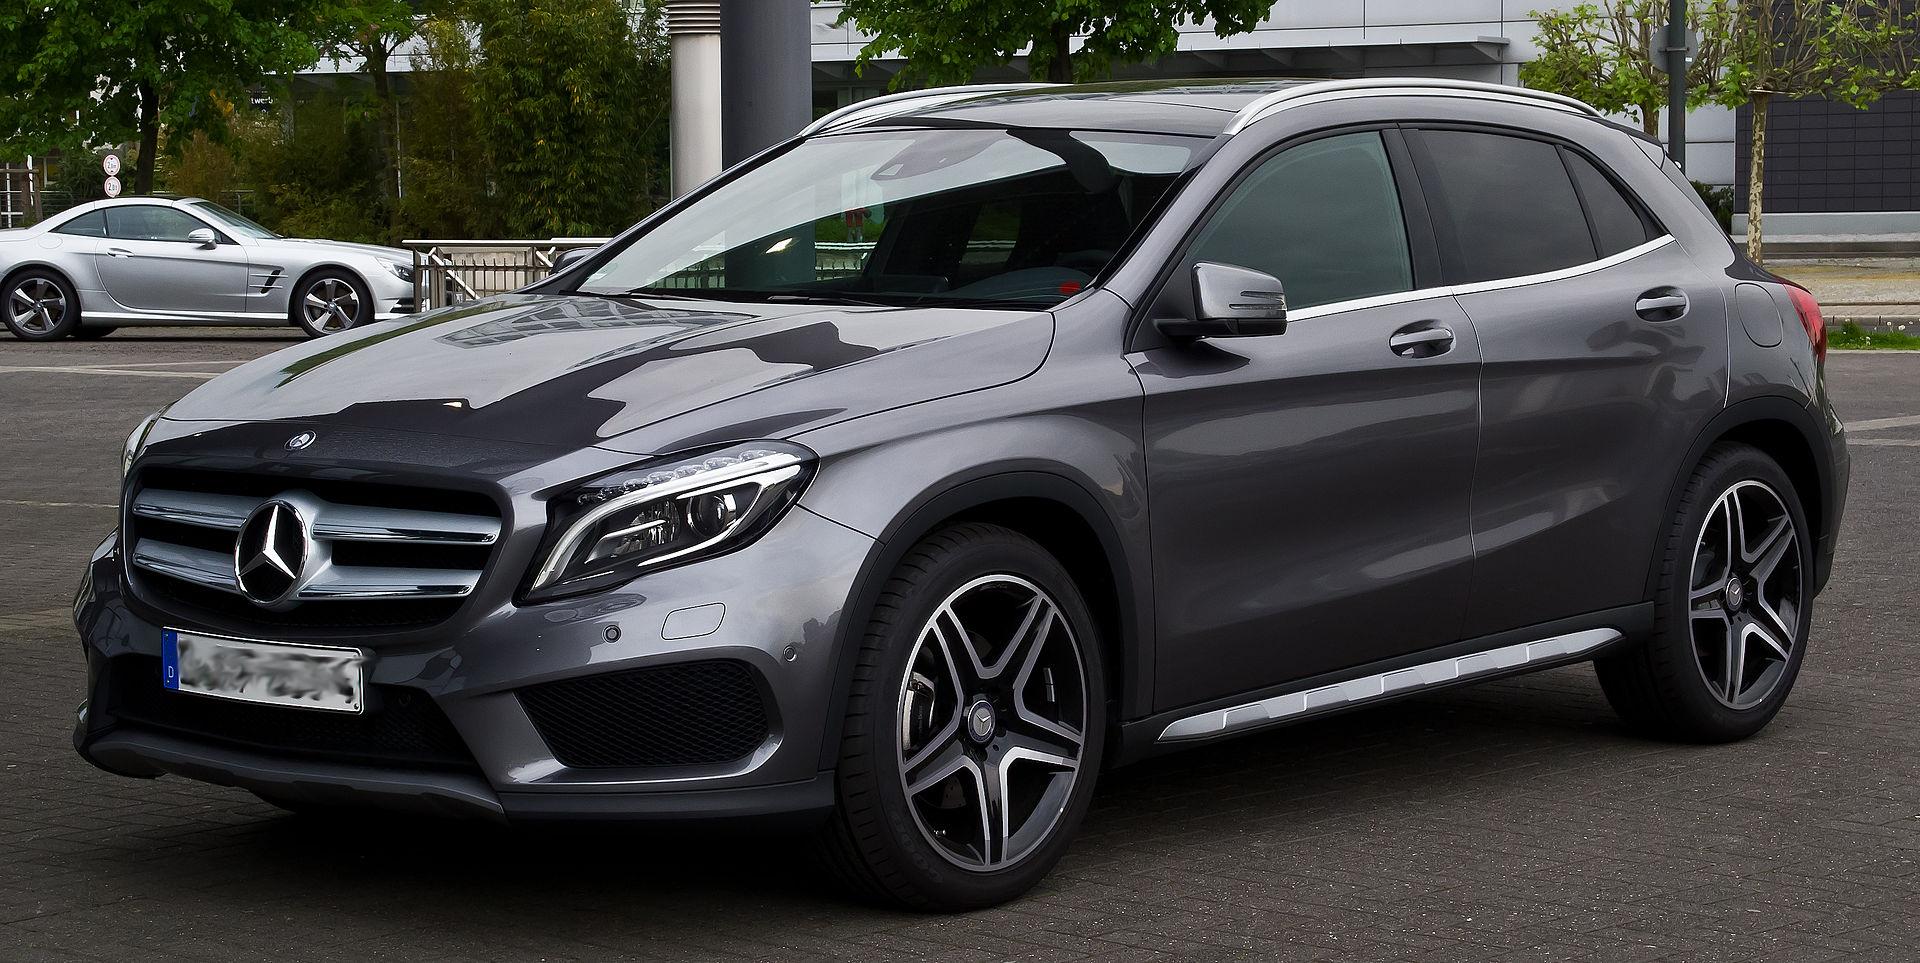 B66960542  Mercedes-Benz GLA MOPF (X156) 2017, grijs, Spark